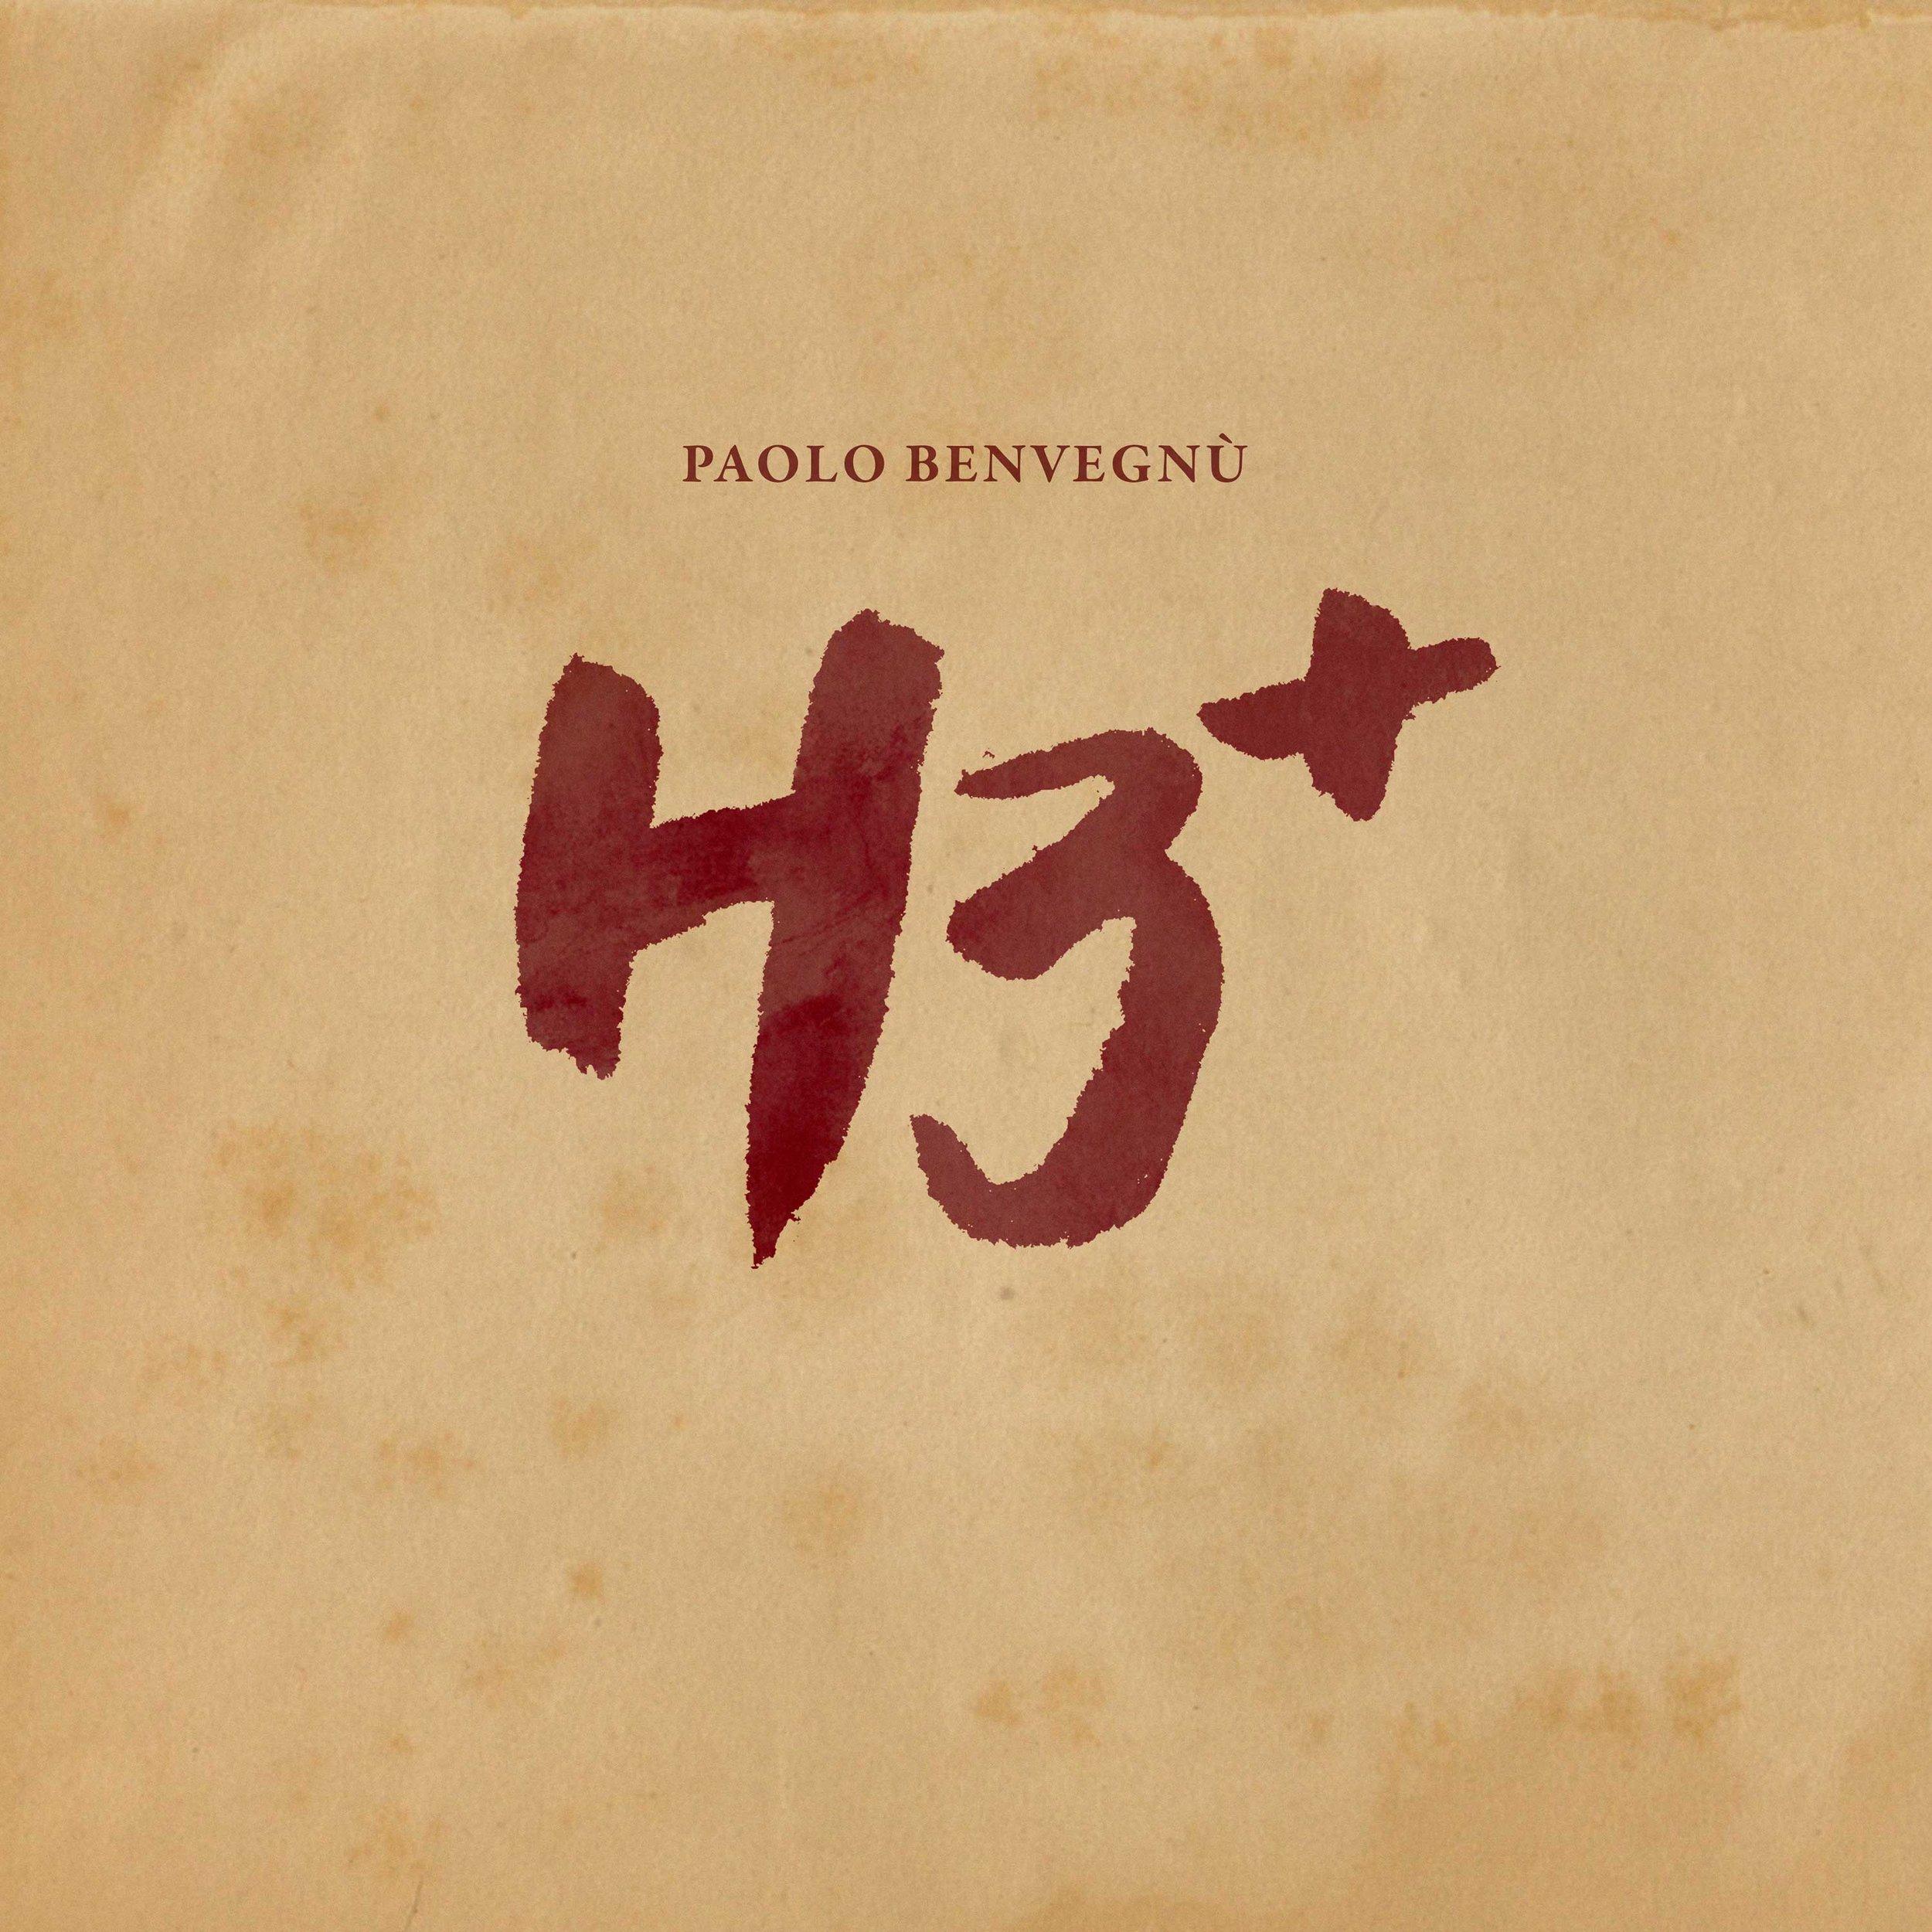 paolobenvegnu_H3+_cover-WEB.jpg